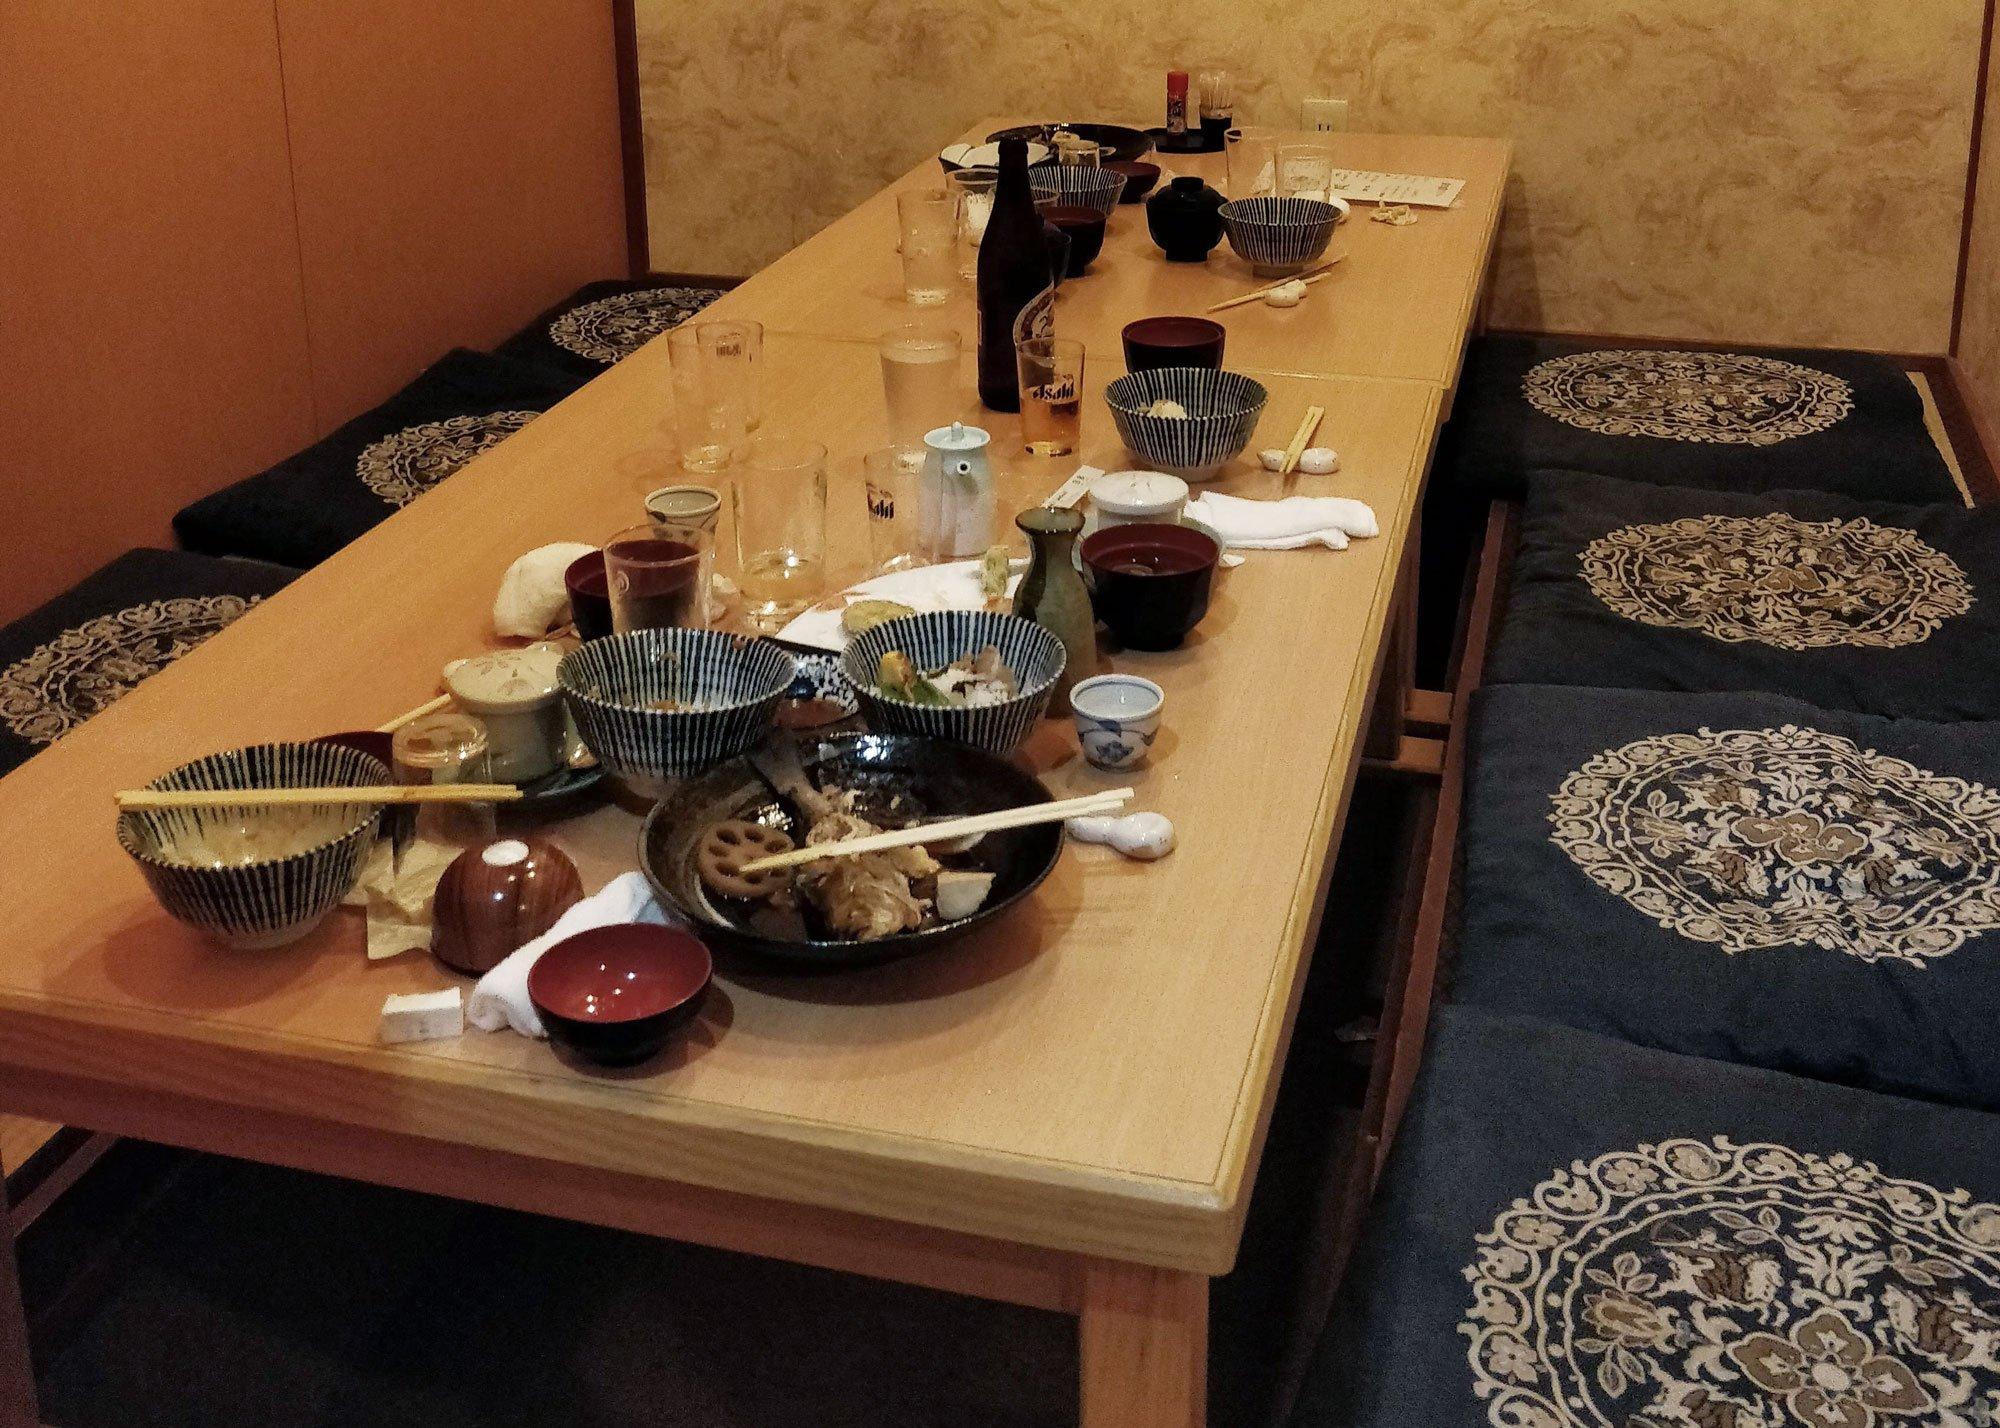 Ravintolan pöytä täynnä likaisia astioita